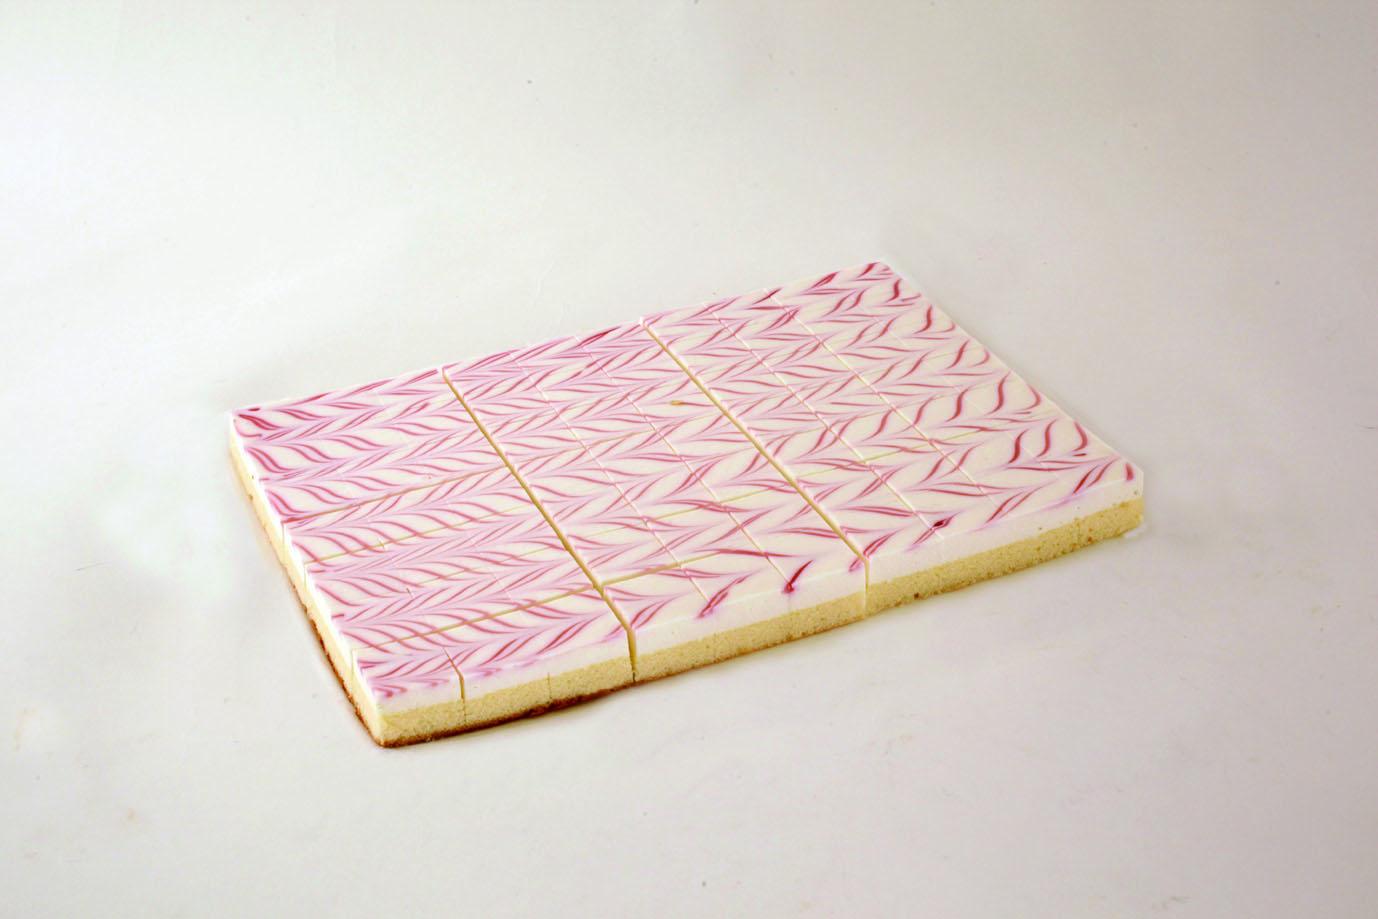 シートケーキ ラズベリーチーズ70カット